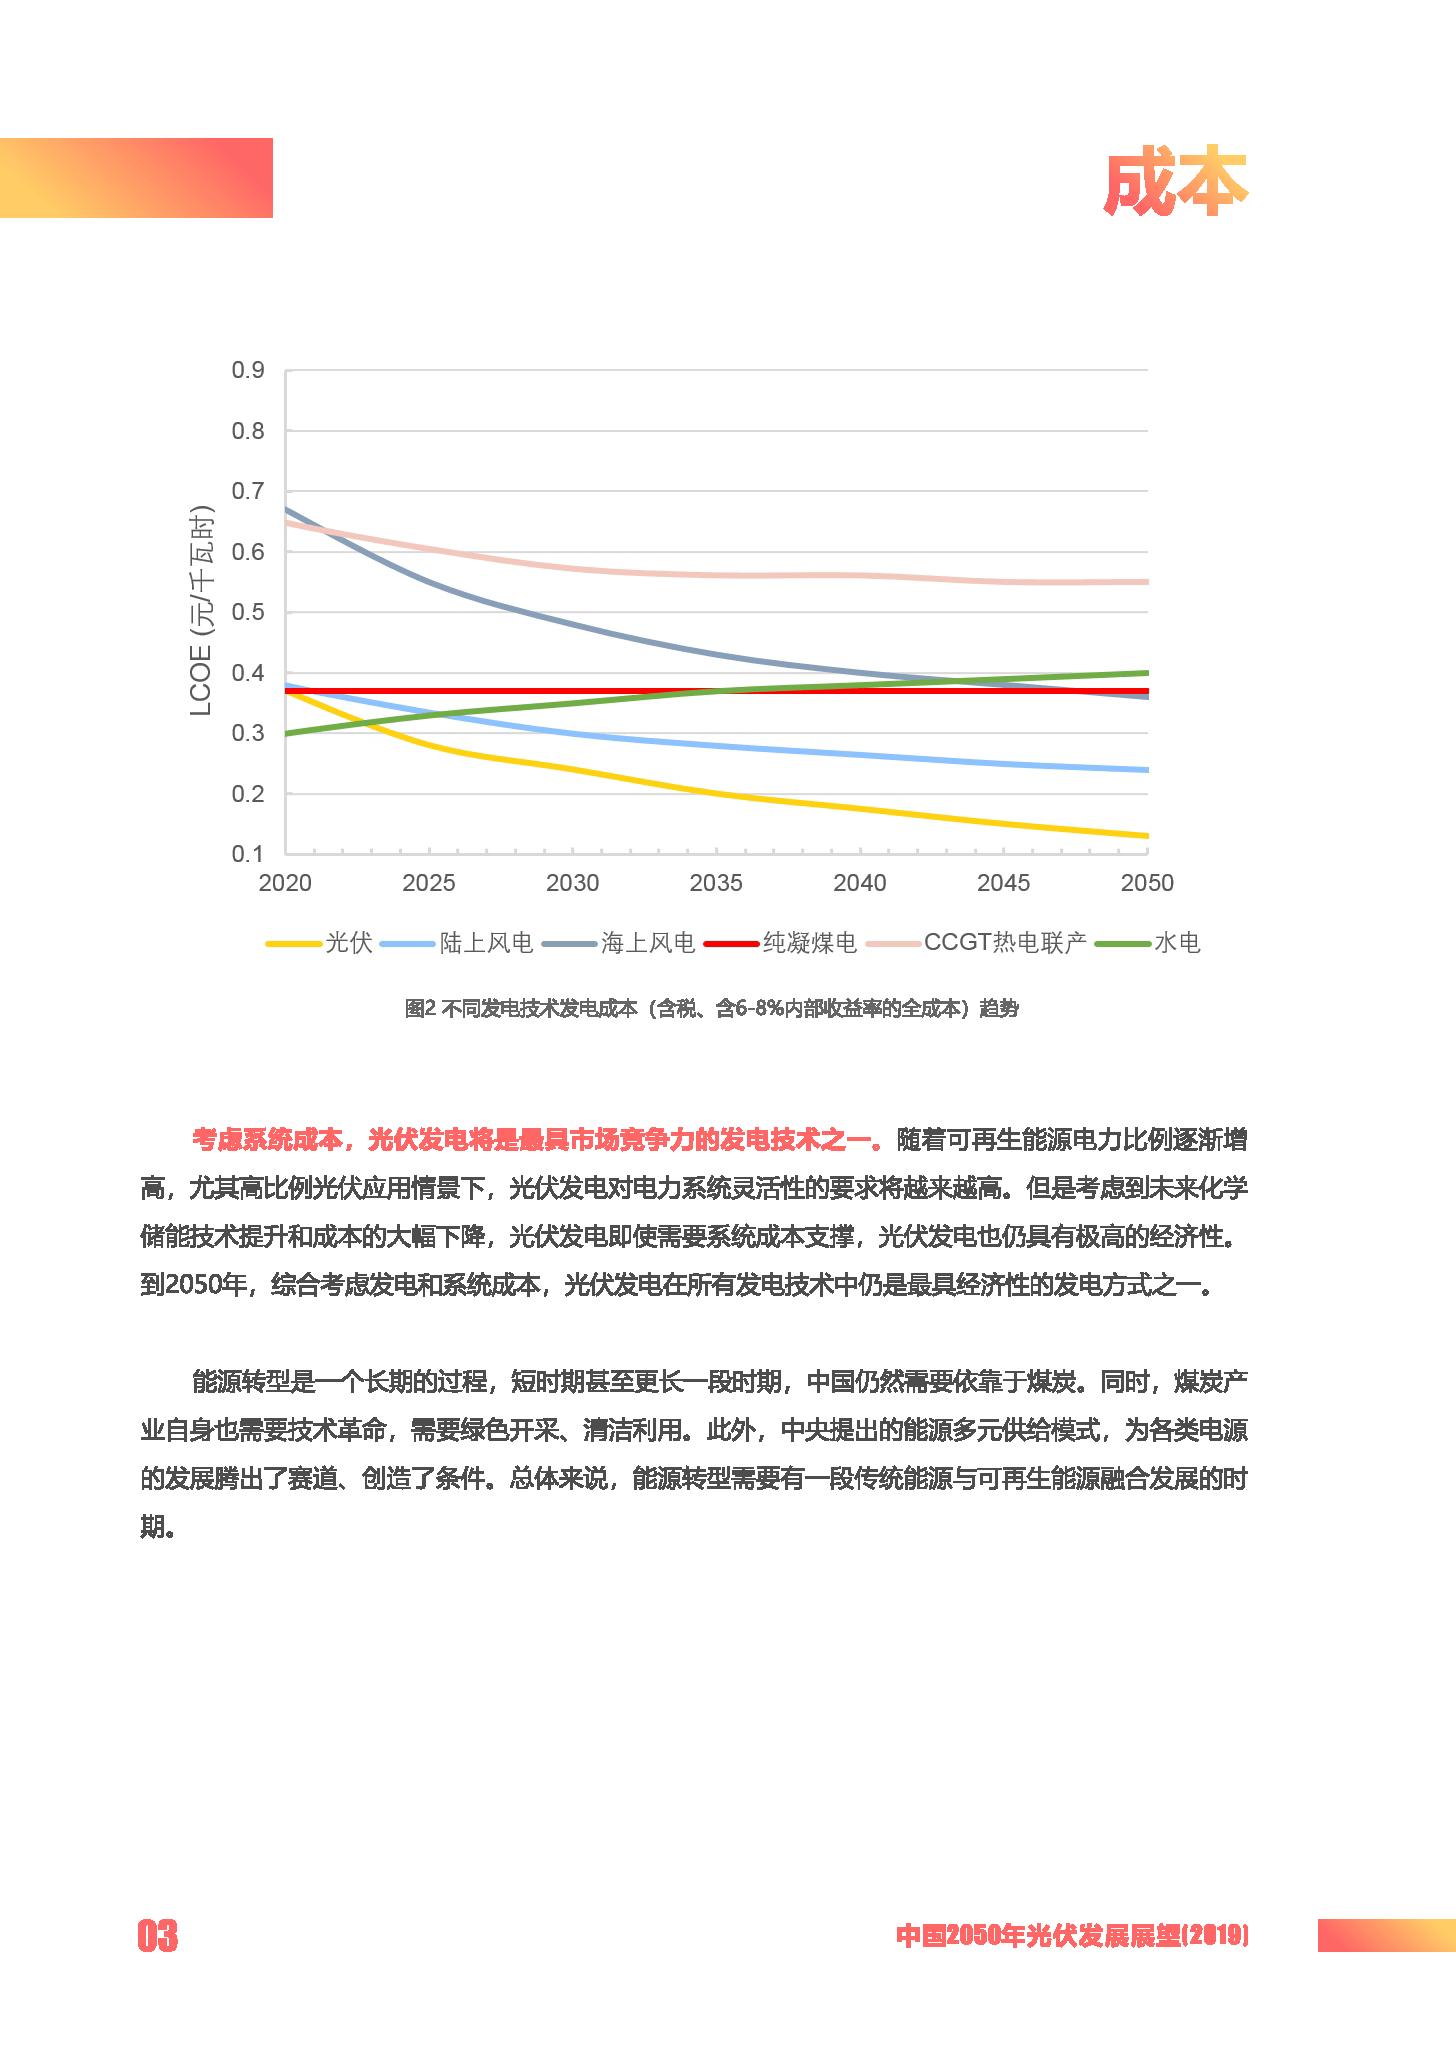 中国2050年光伏发展展望-2019_页面_06